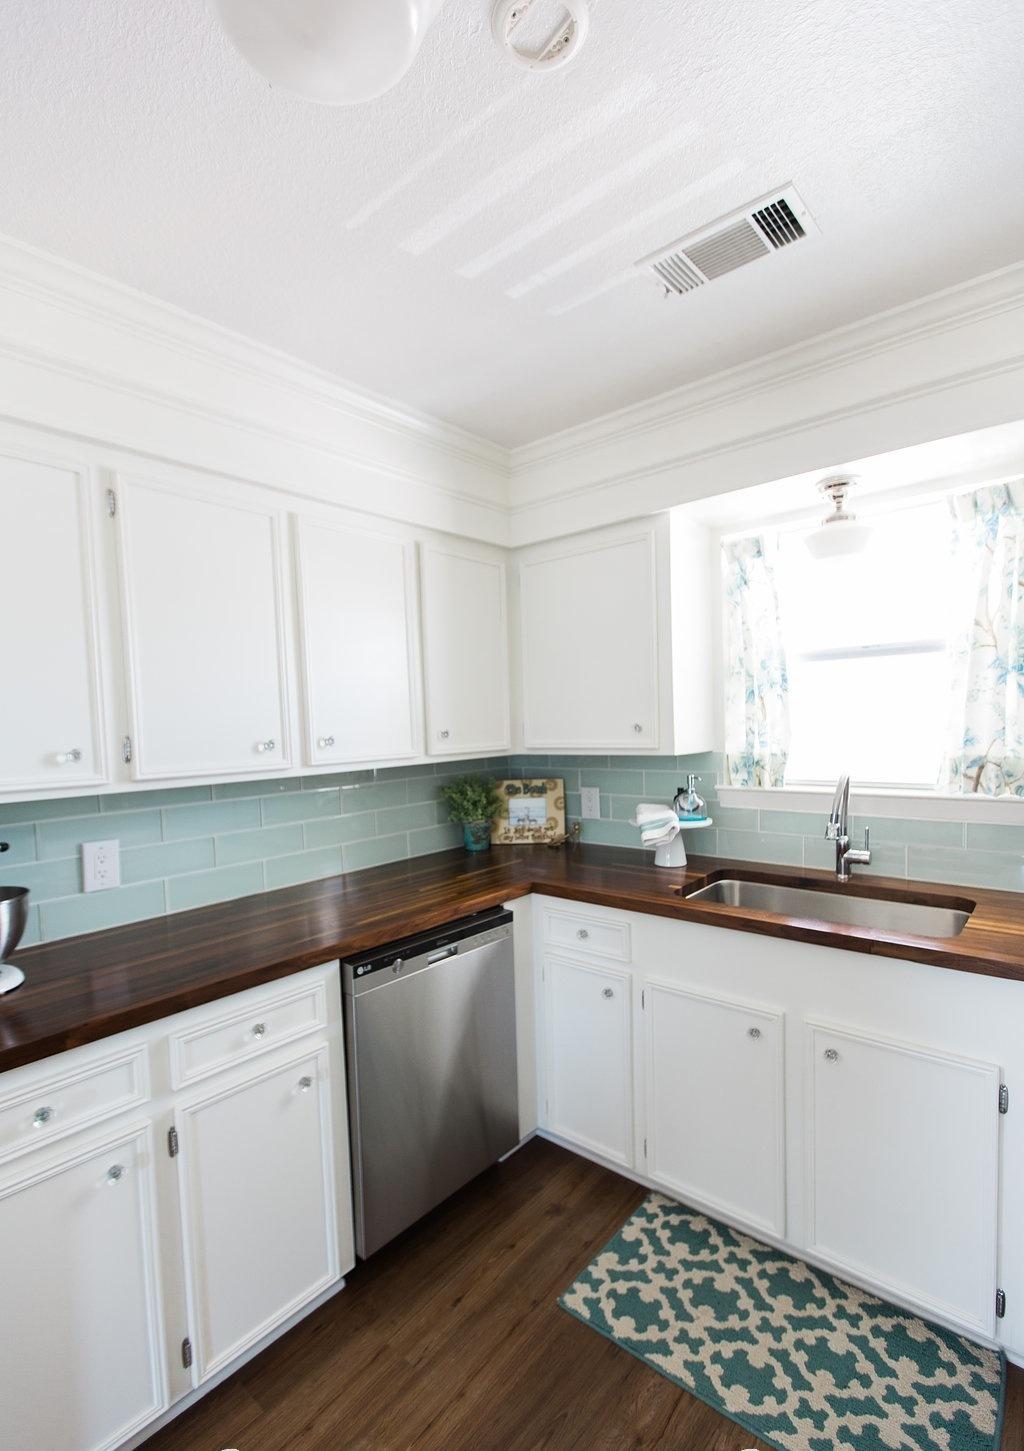 Деревянные кухонные столешницы из темной древесины - фото 2